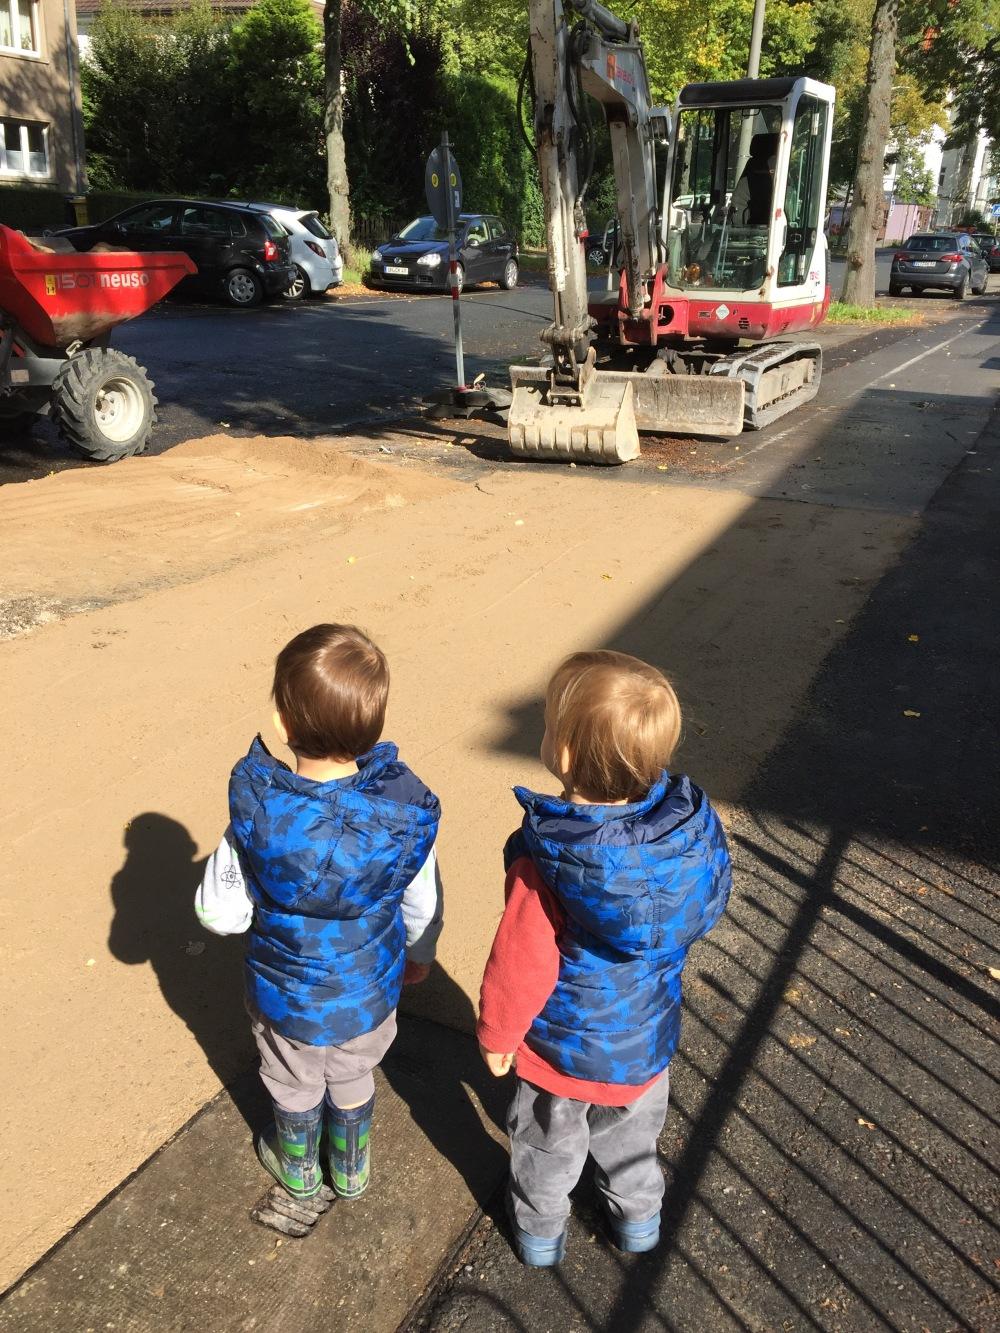 Zwillinge auf der Straße